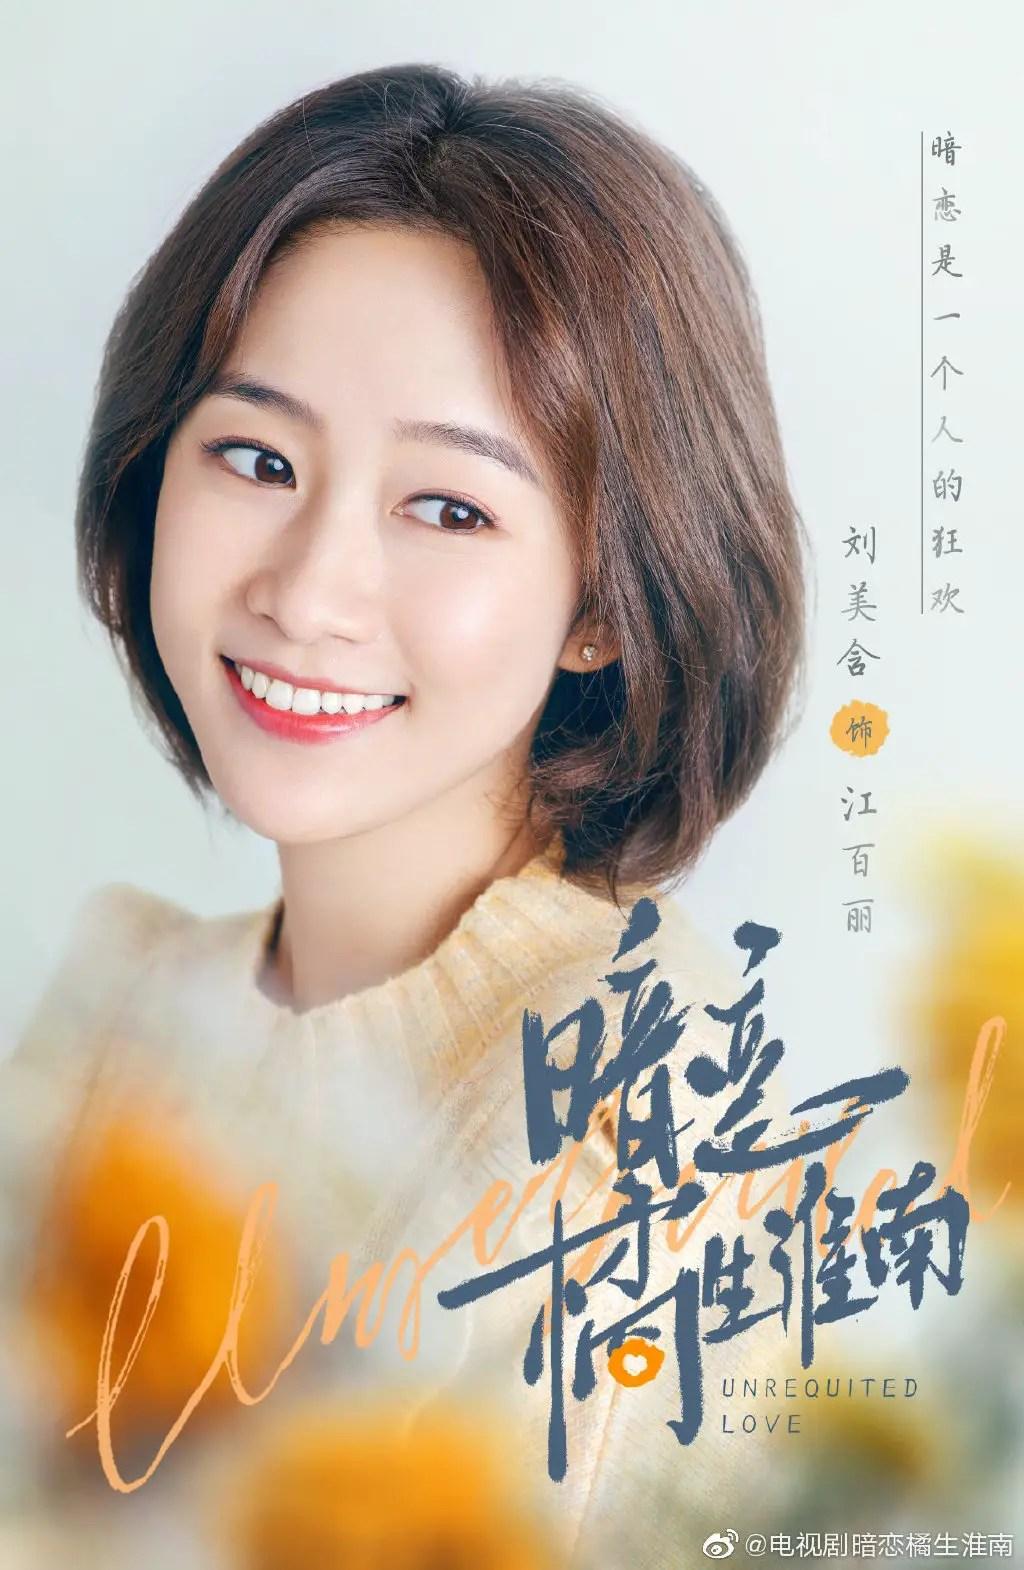 Liu Mei Han